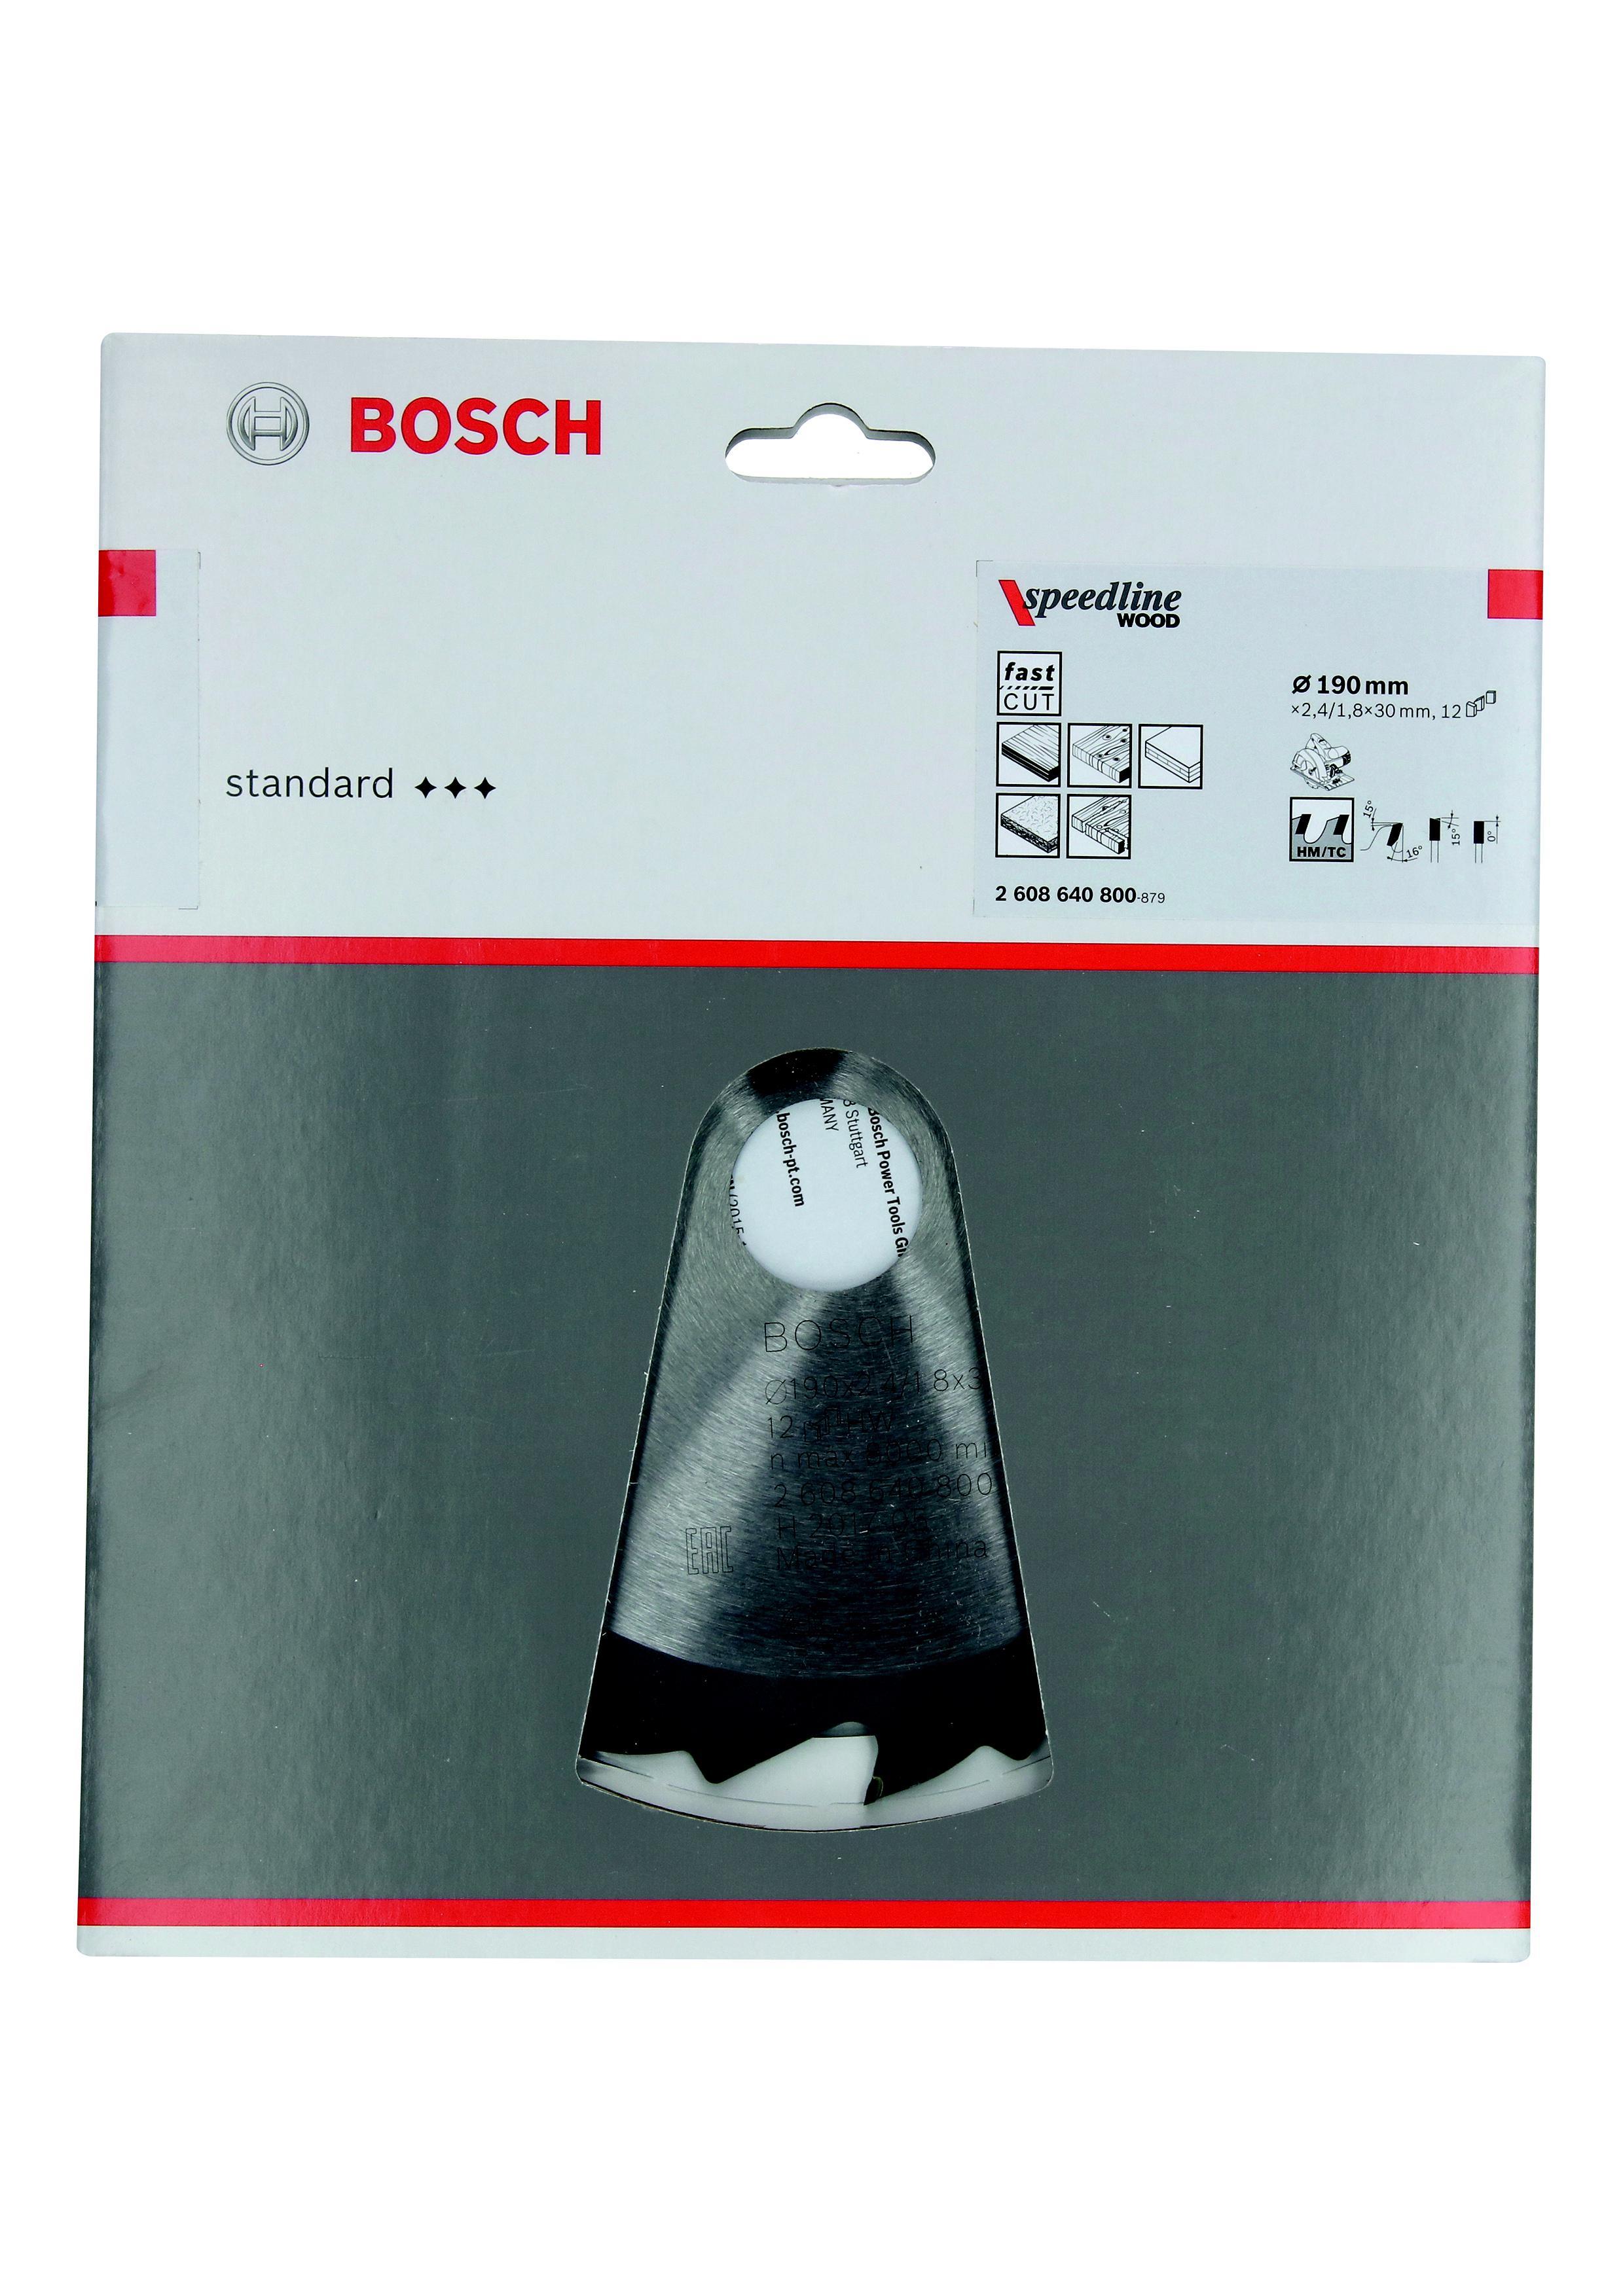 Диск пильный твердосплавный Bosch Ф190х30мм 12зуб. (speedline wood 2608640800)